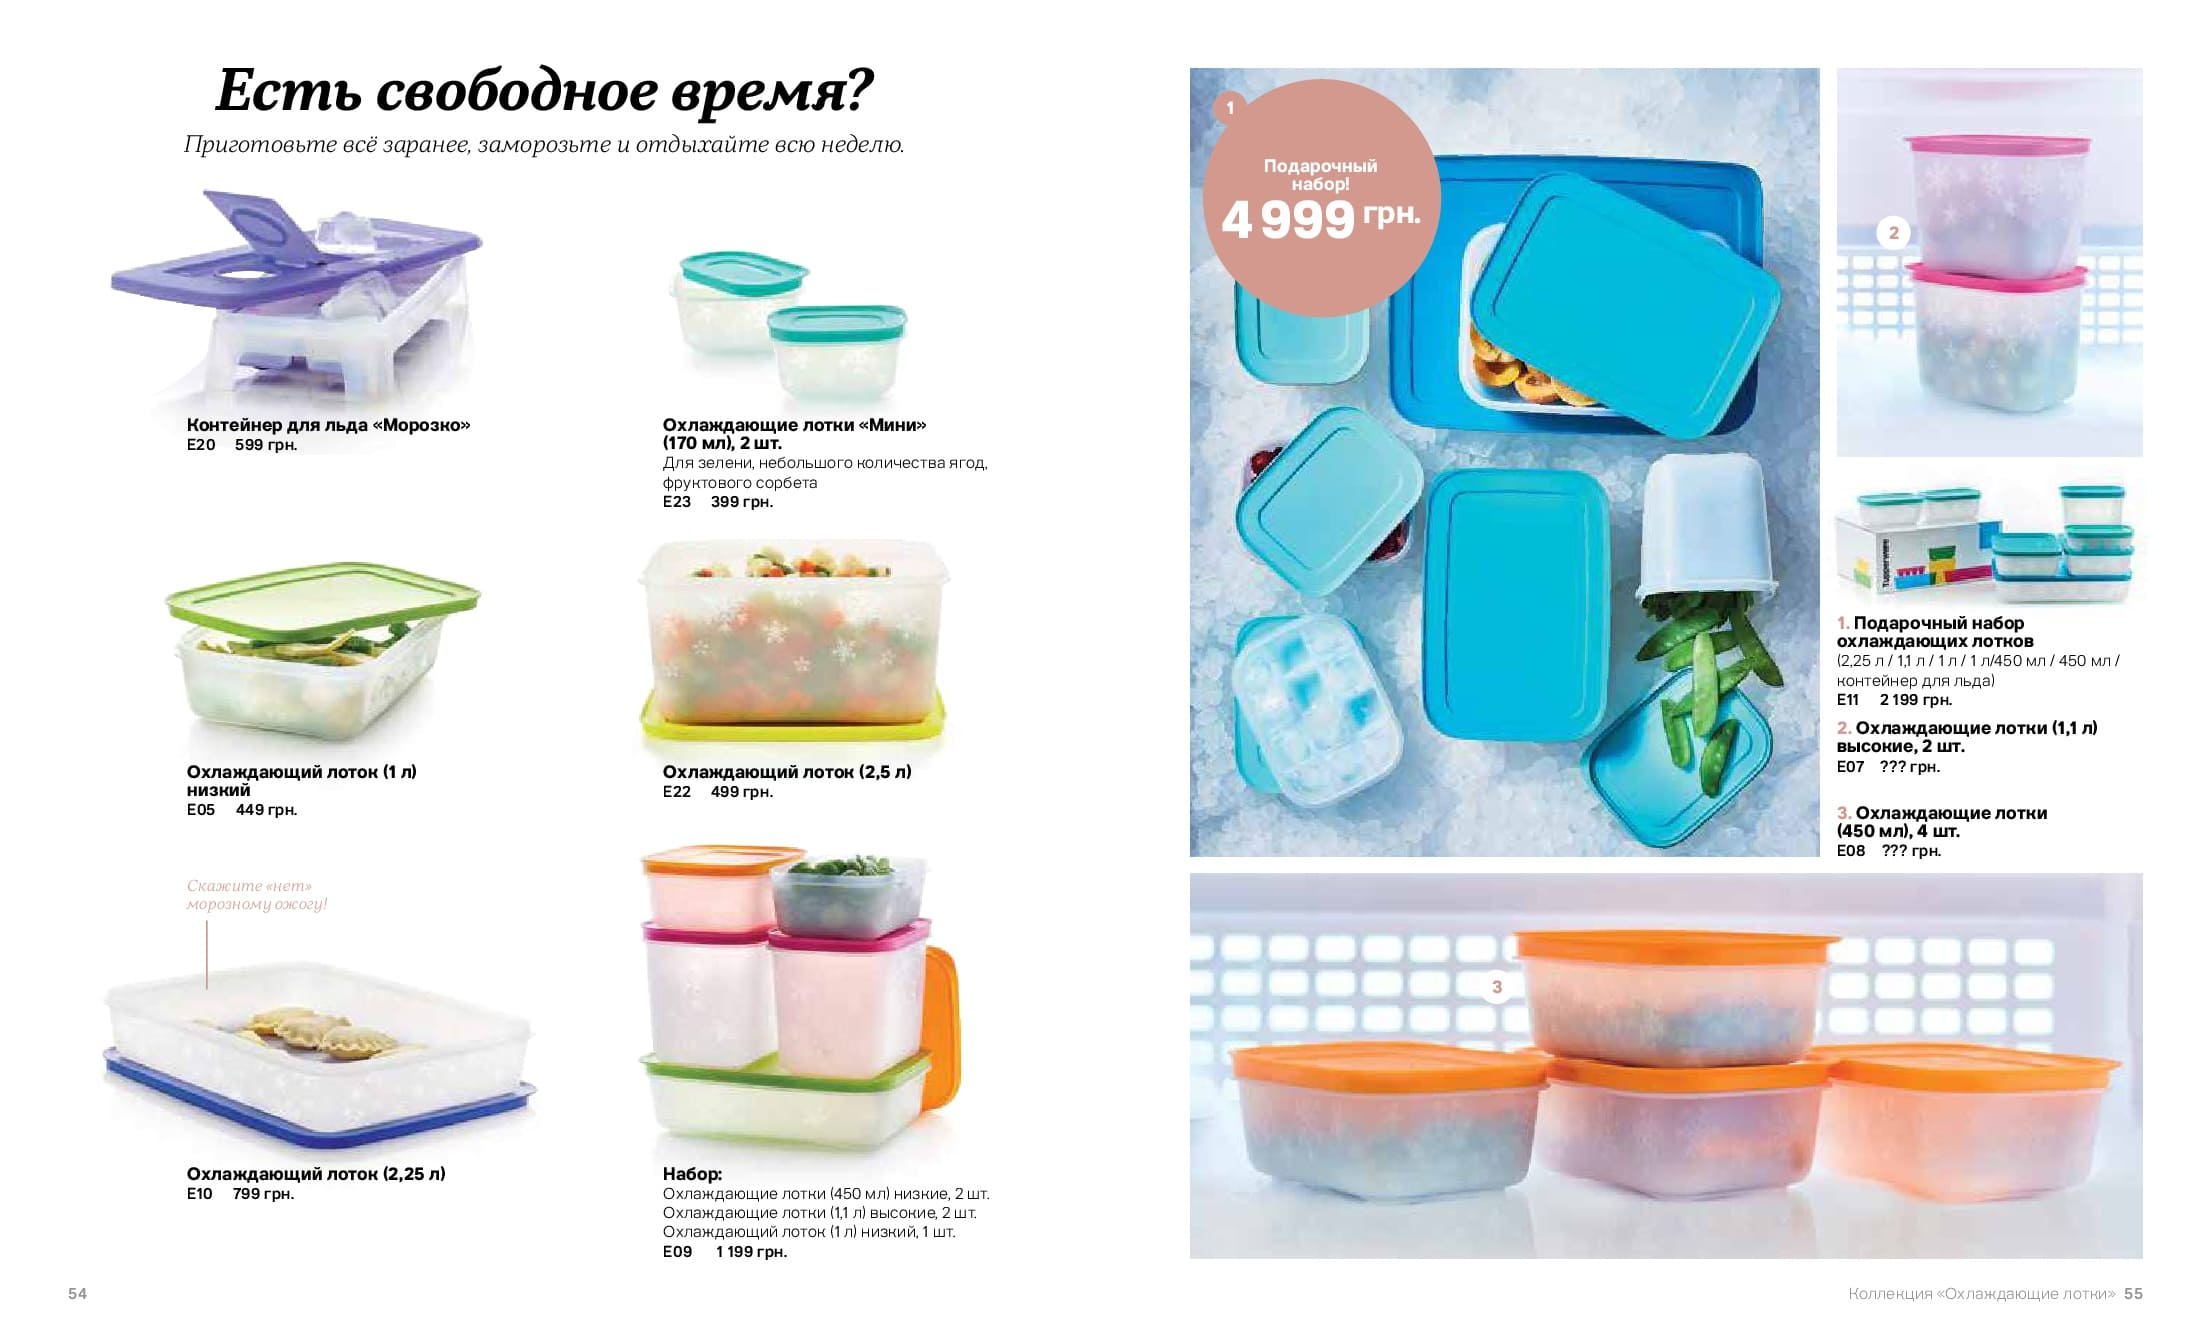 Охлаждающие лотки tupperware - это удобные объёмы позволяющие эффективно замораживать продукты, организовать пространство в морозильной камере.